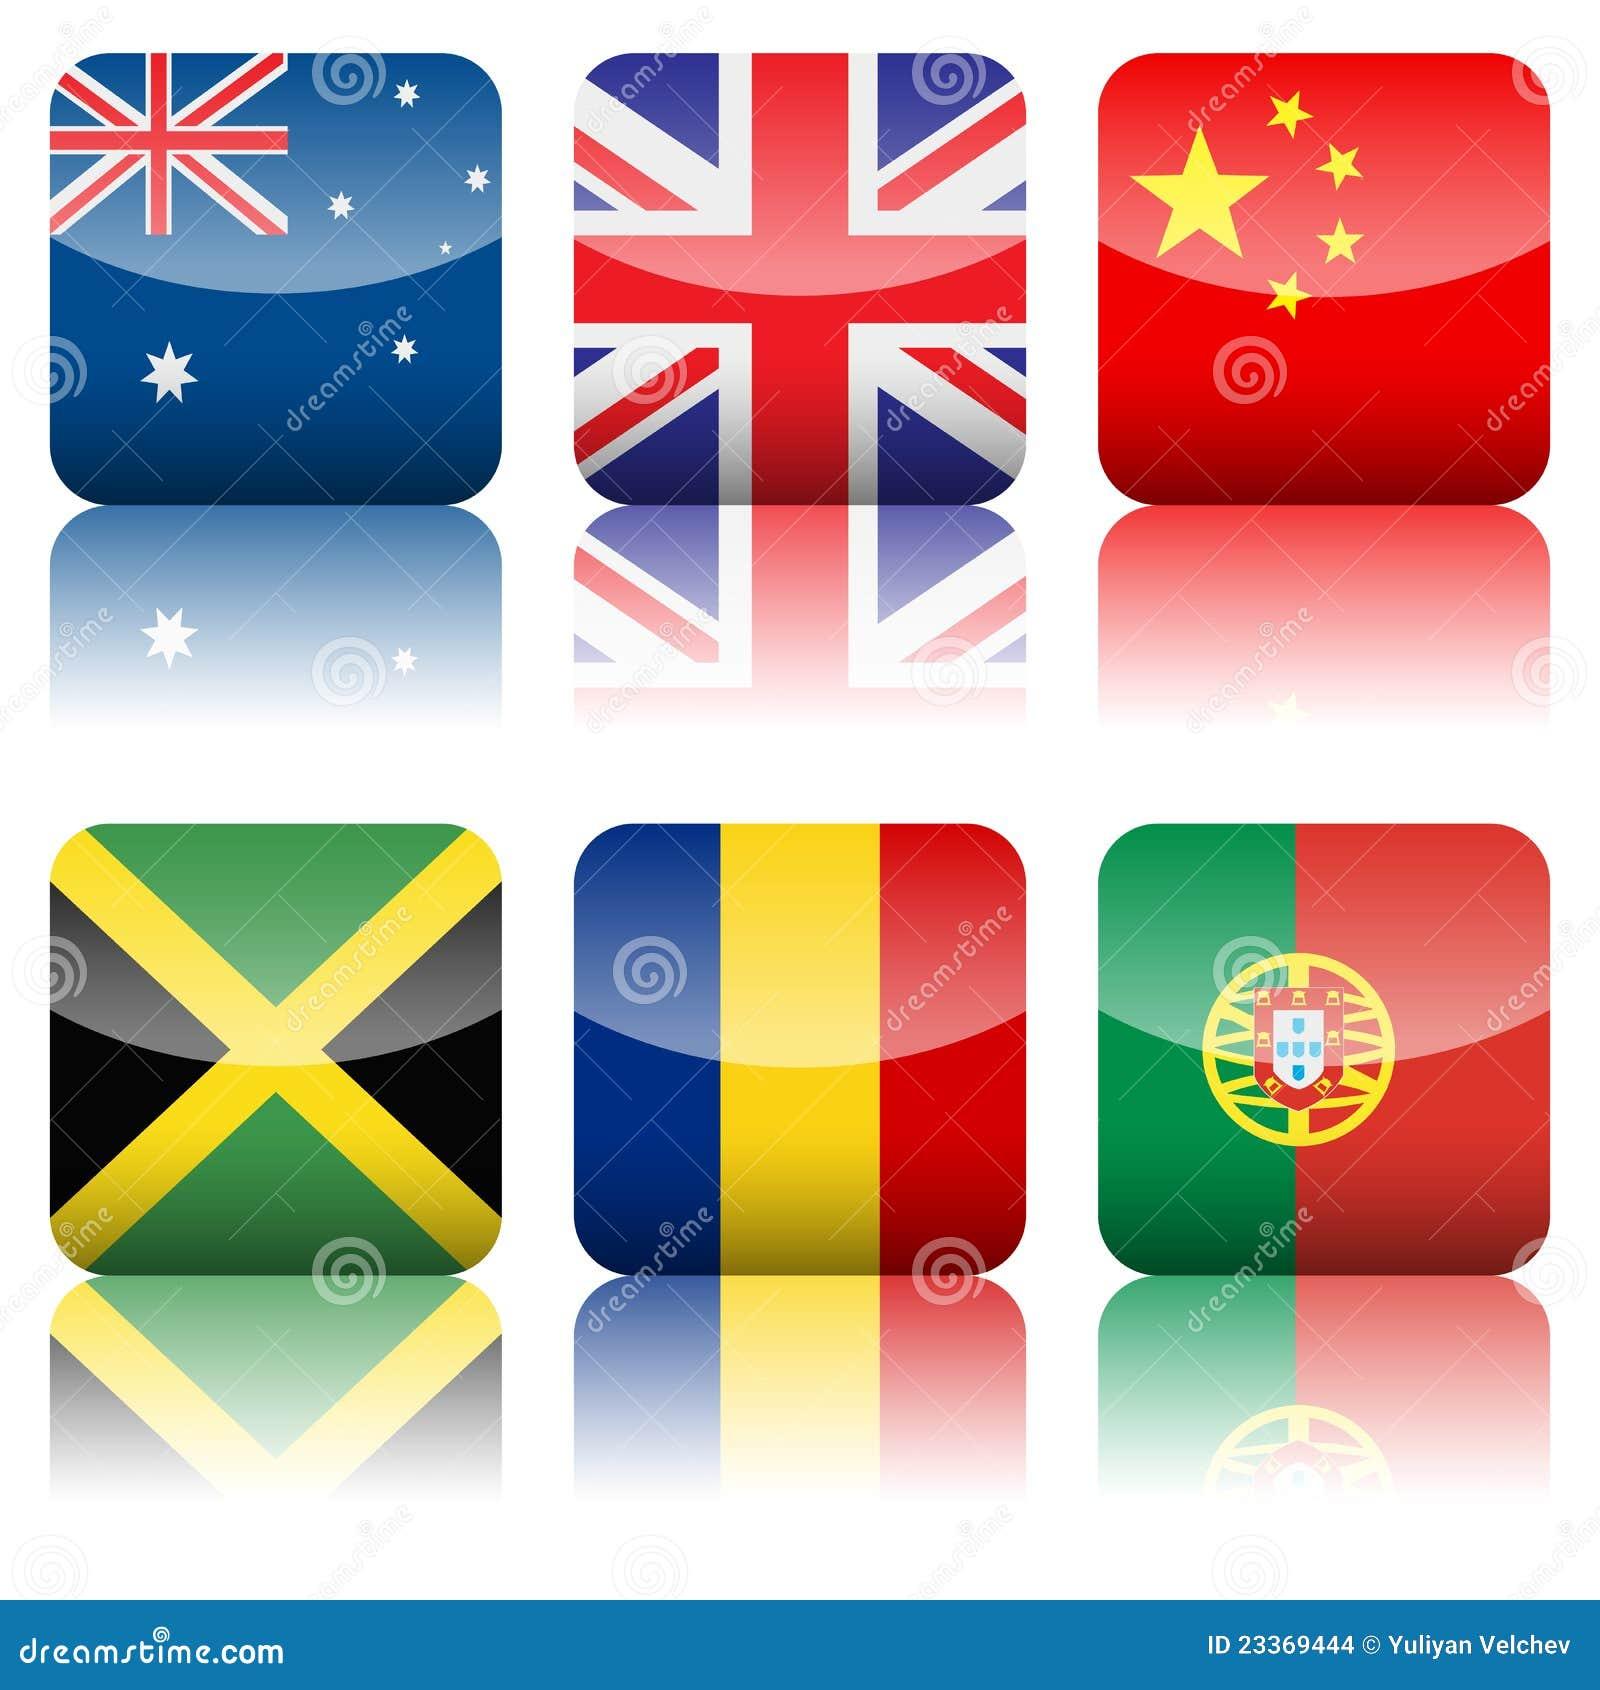 リトアニアの国旗 additionally Bendera England Vector also Benarkah Bendera Indonesia Adalah together with 800px Flag of Hungary besides Tutorial Photoshop Membuat Efek Bendera Berkibar. on 119